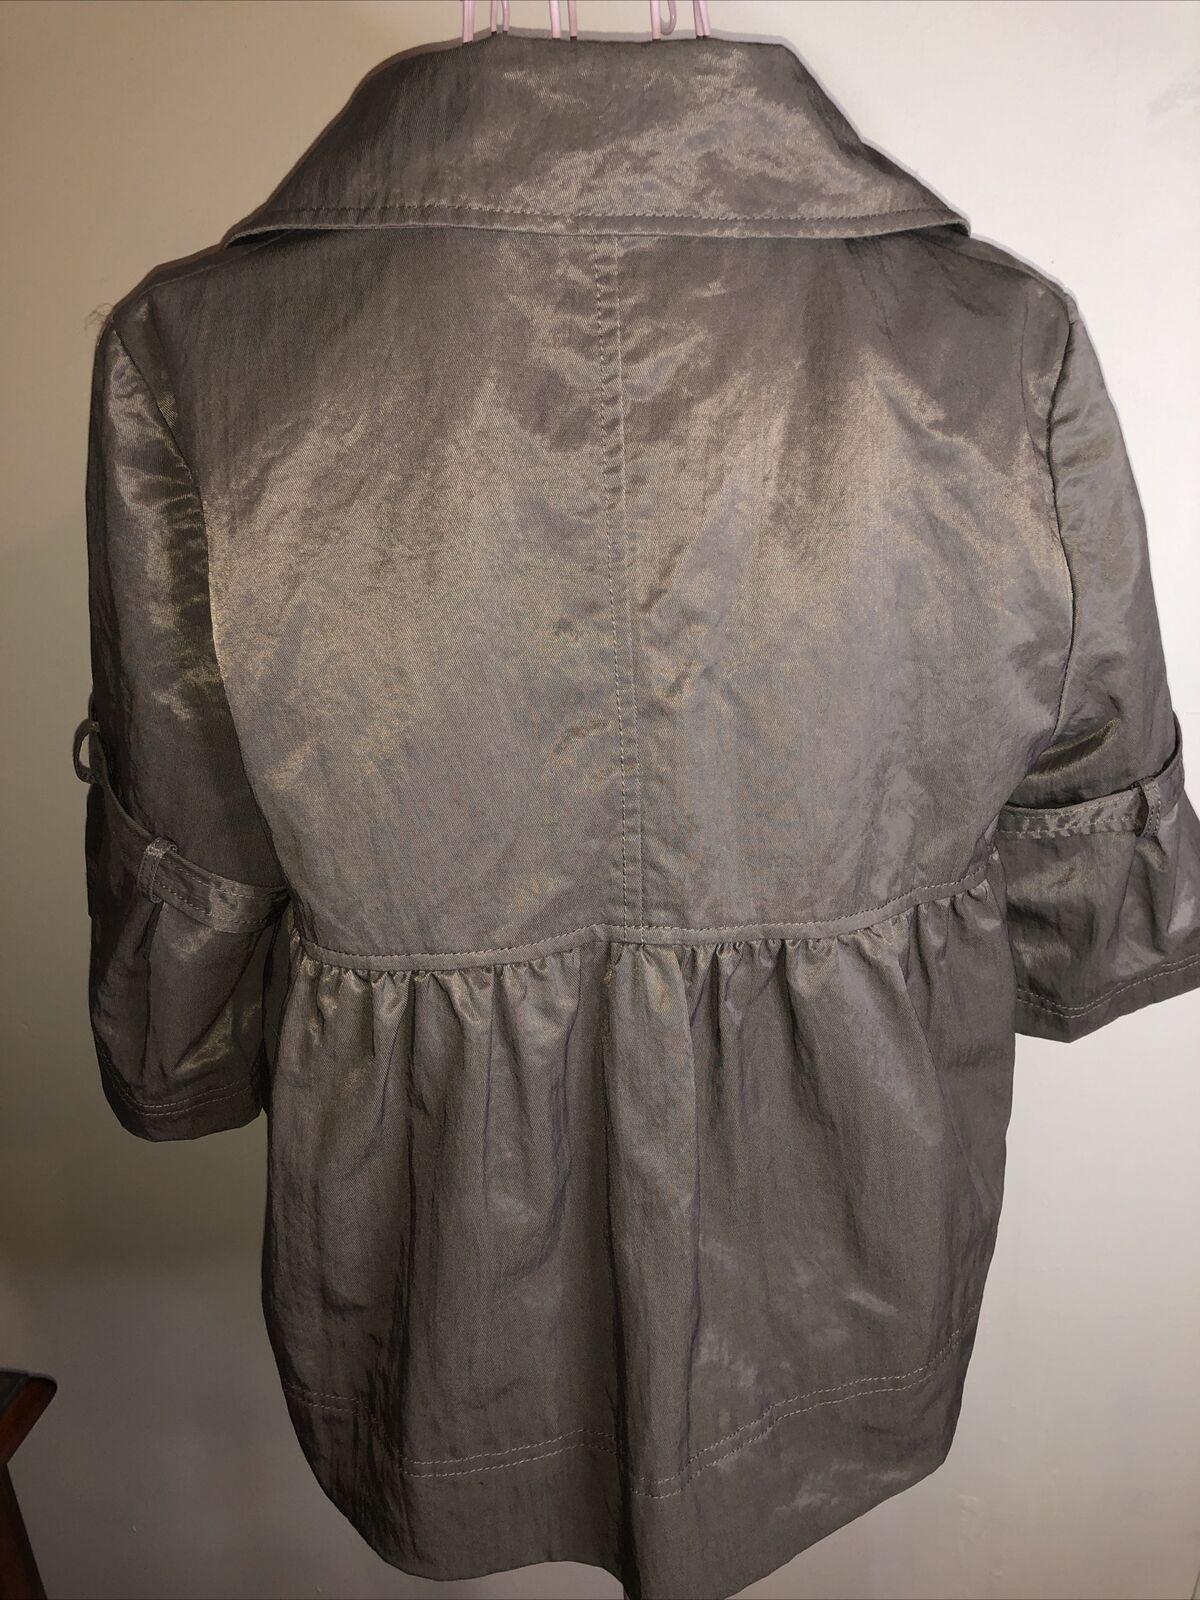 Kaidal French Design Cotton Blend Lg Jacket Workw… - image 4